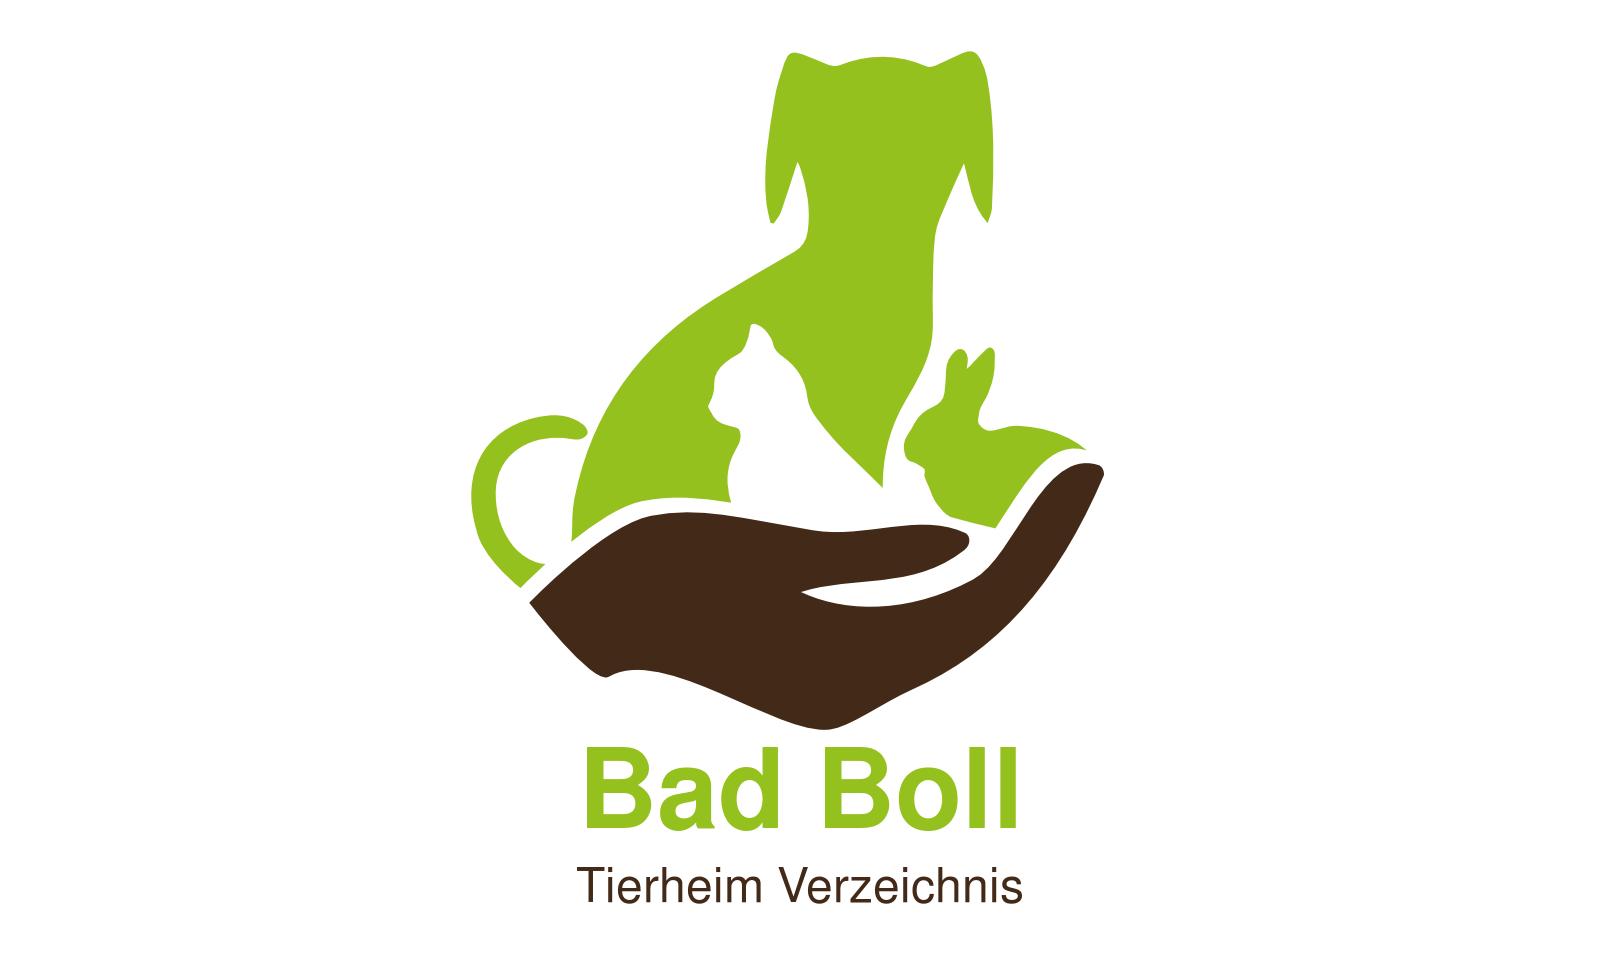 Tierheim Bad Boll